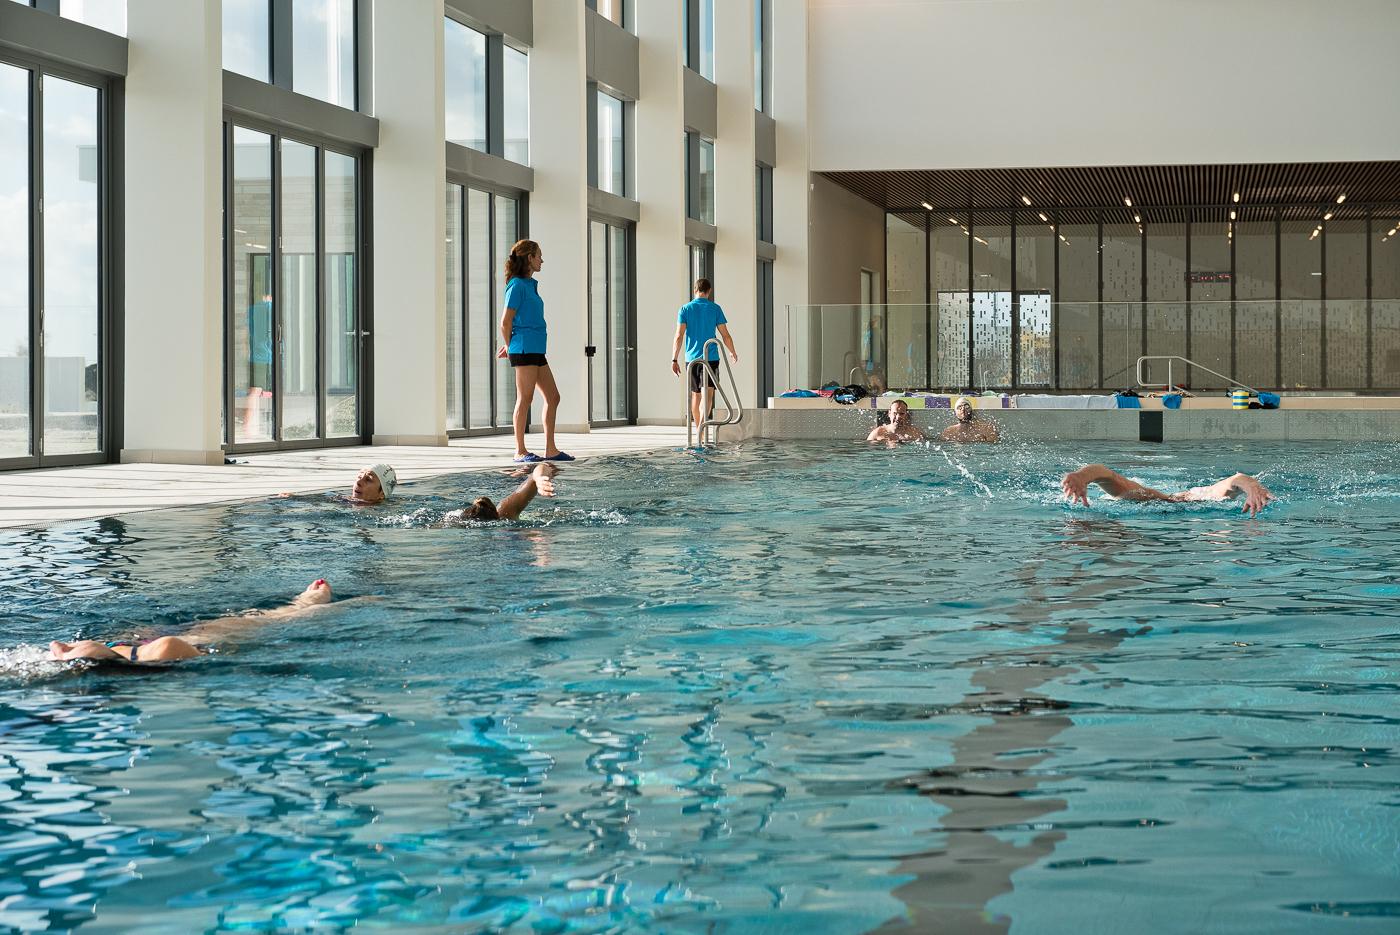 X'eau - Water Sports Complex - Tourism Cognac à Piscine Cognac